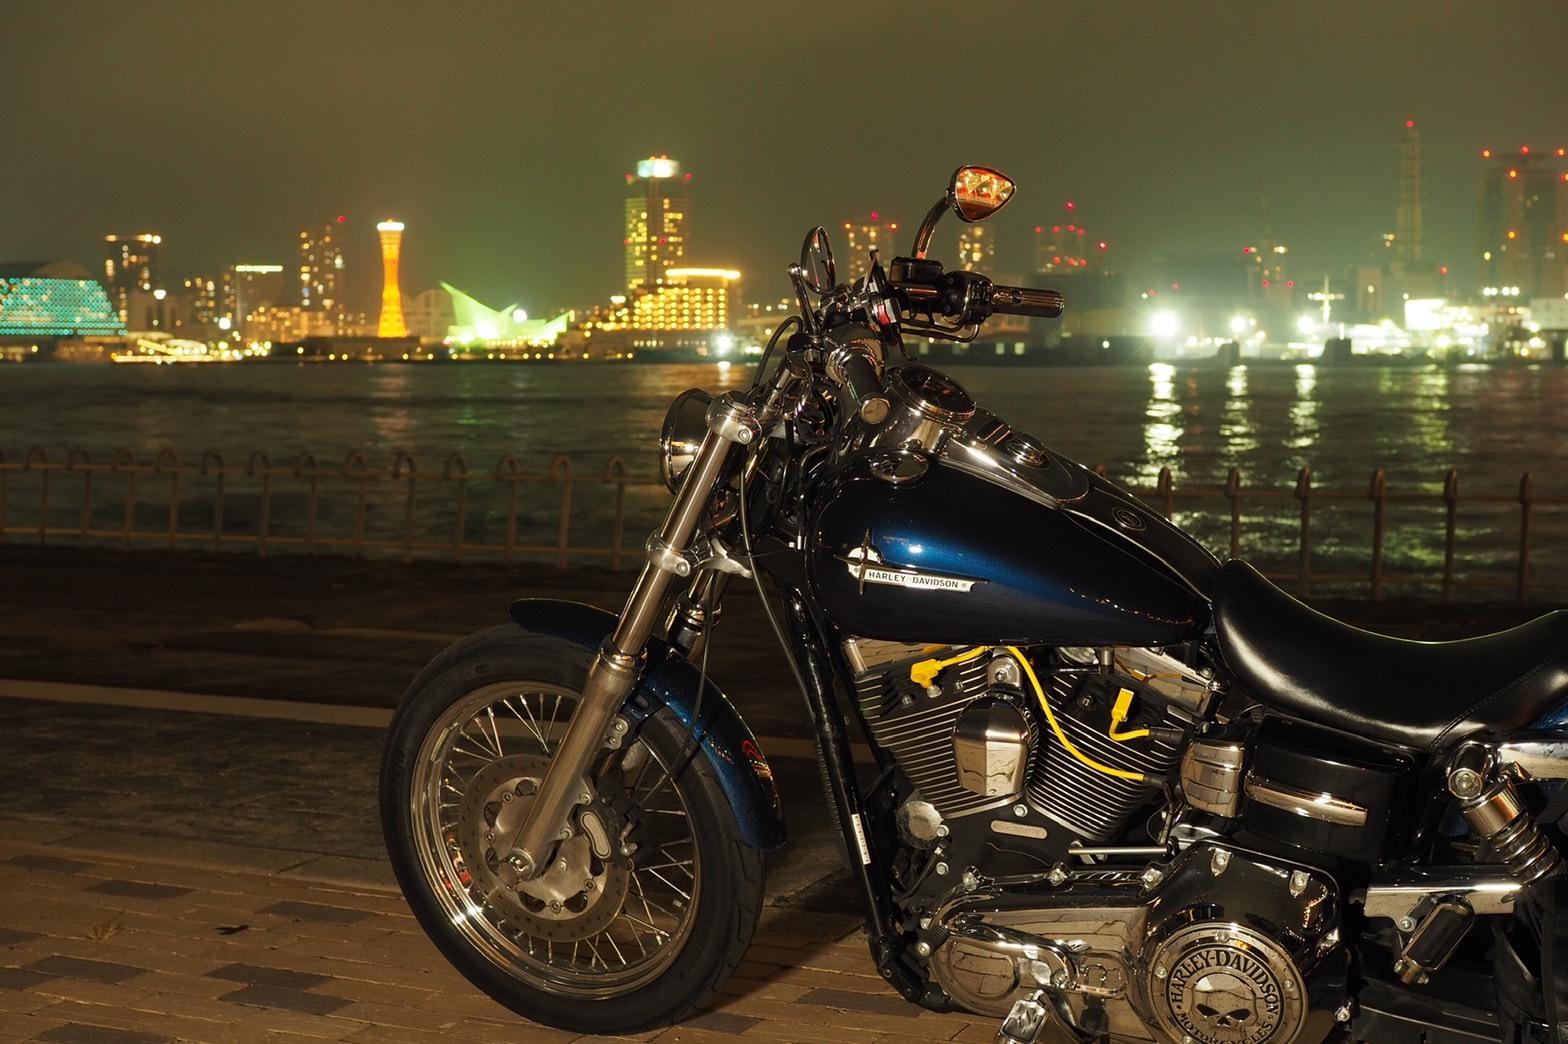 ぴーきちハーレーブログ 神戸ナイトツーリング 夜景撮影 インスタ映え ポートアイランド北公園 海辺